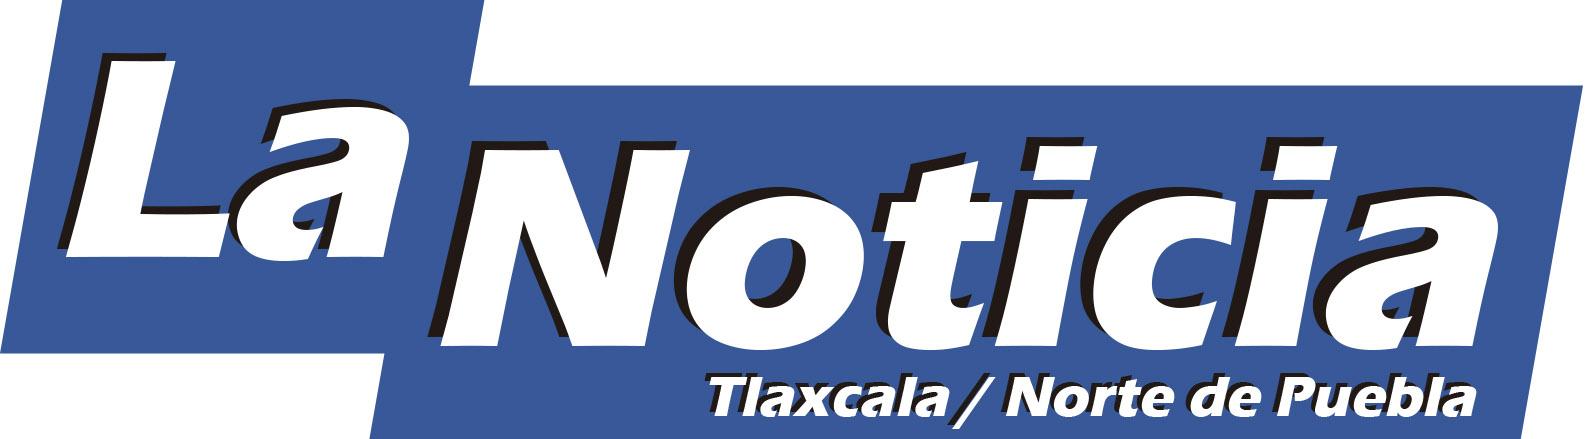 Diario La Noticia